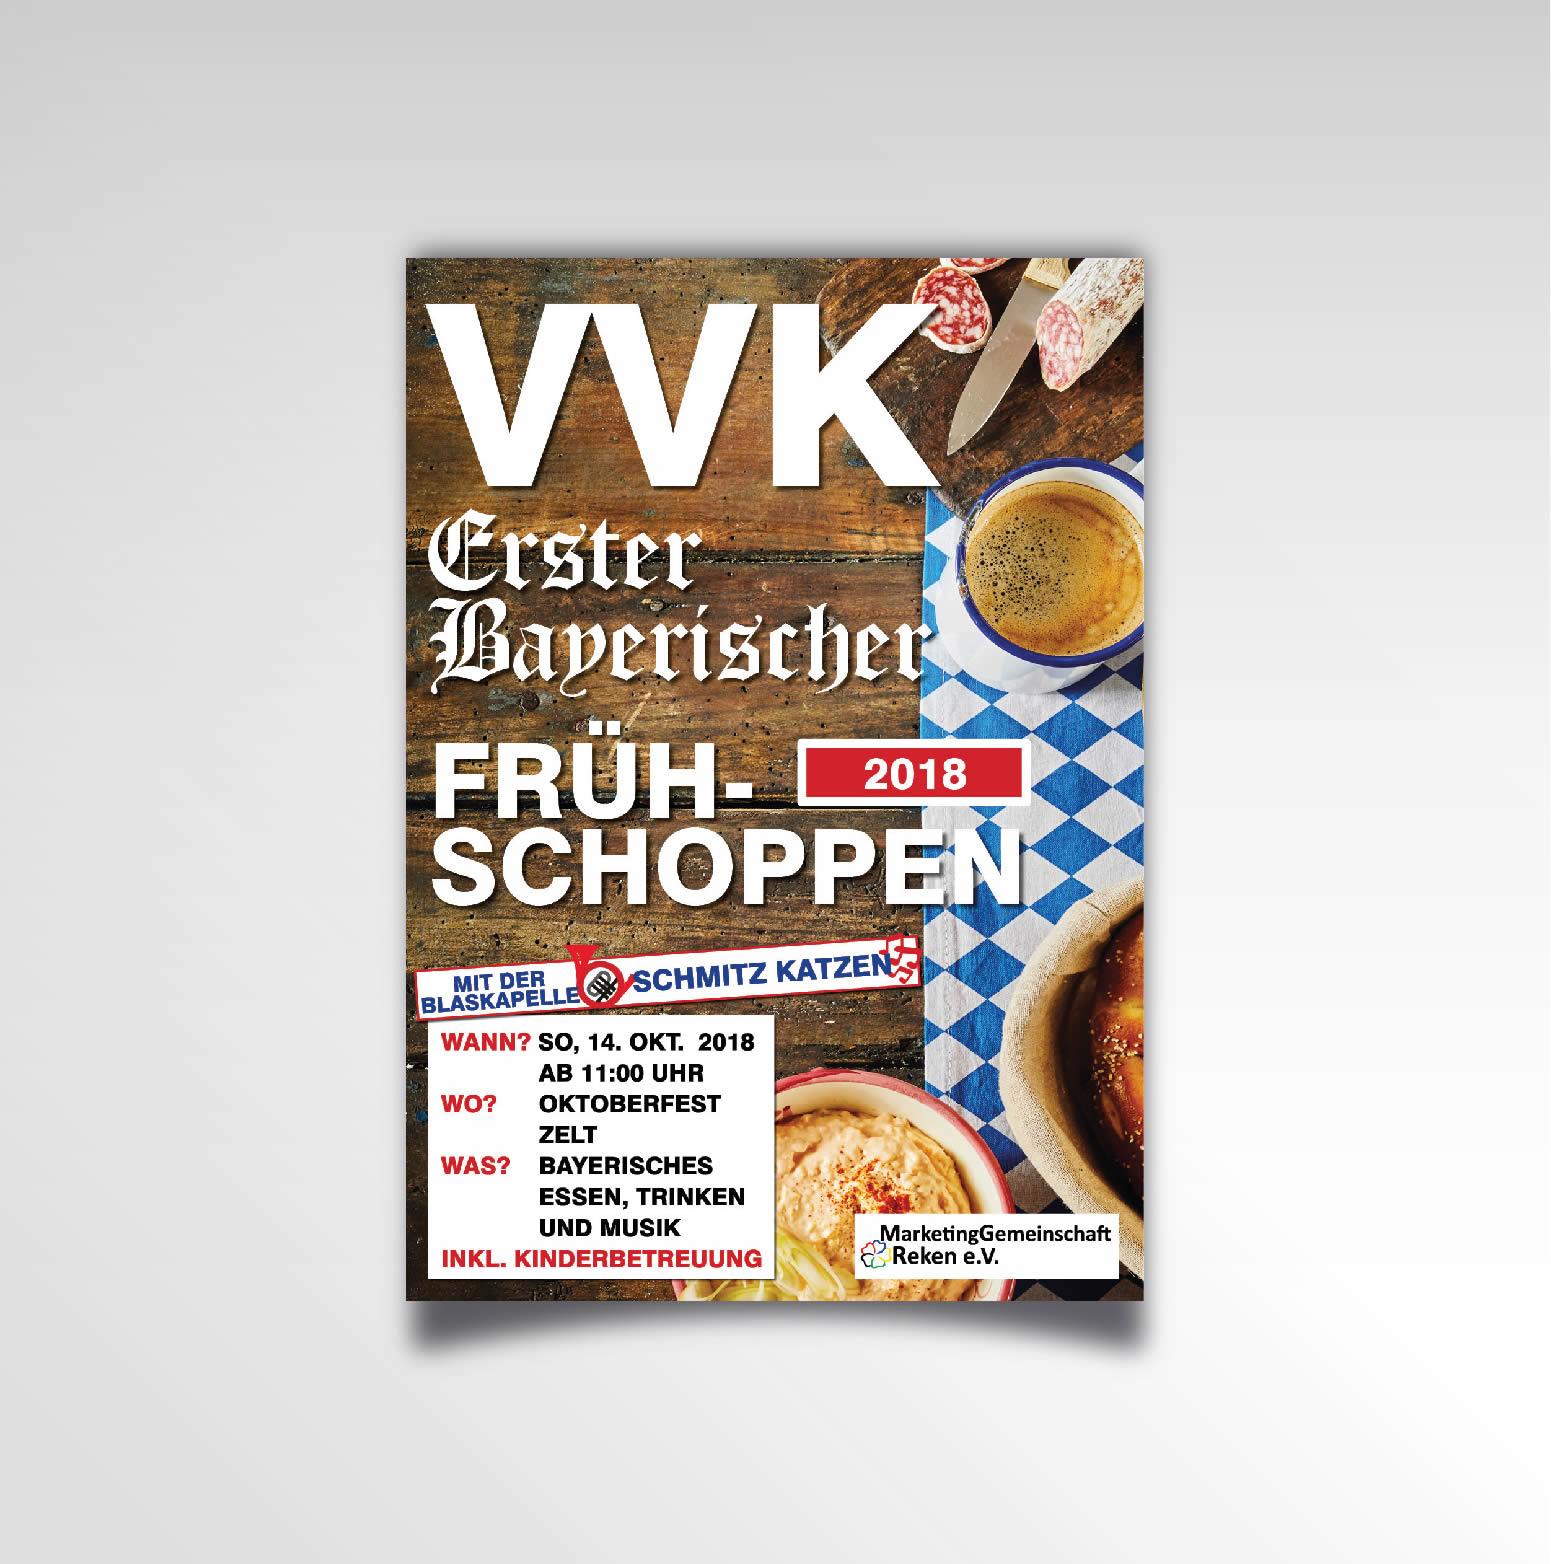 Marketinggemeinschaft Reken Frühschoppen VVK Poster Printprodukt Plakat